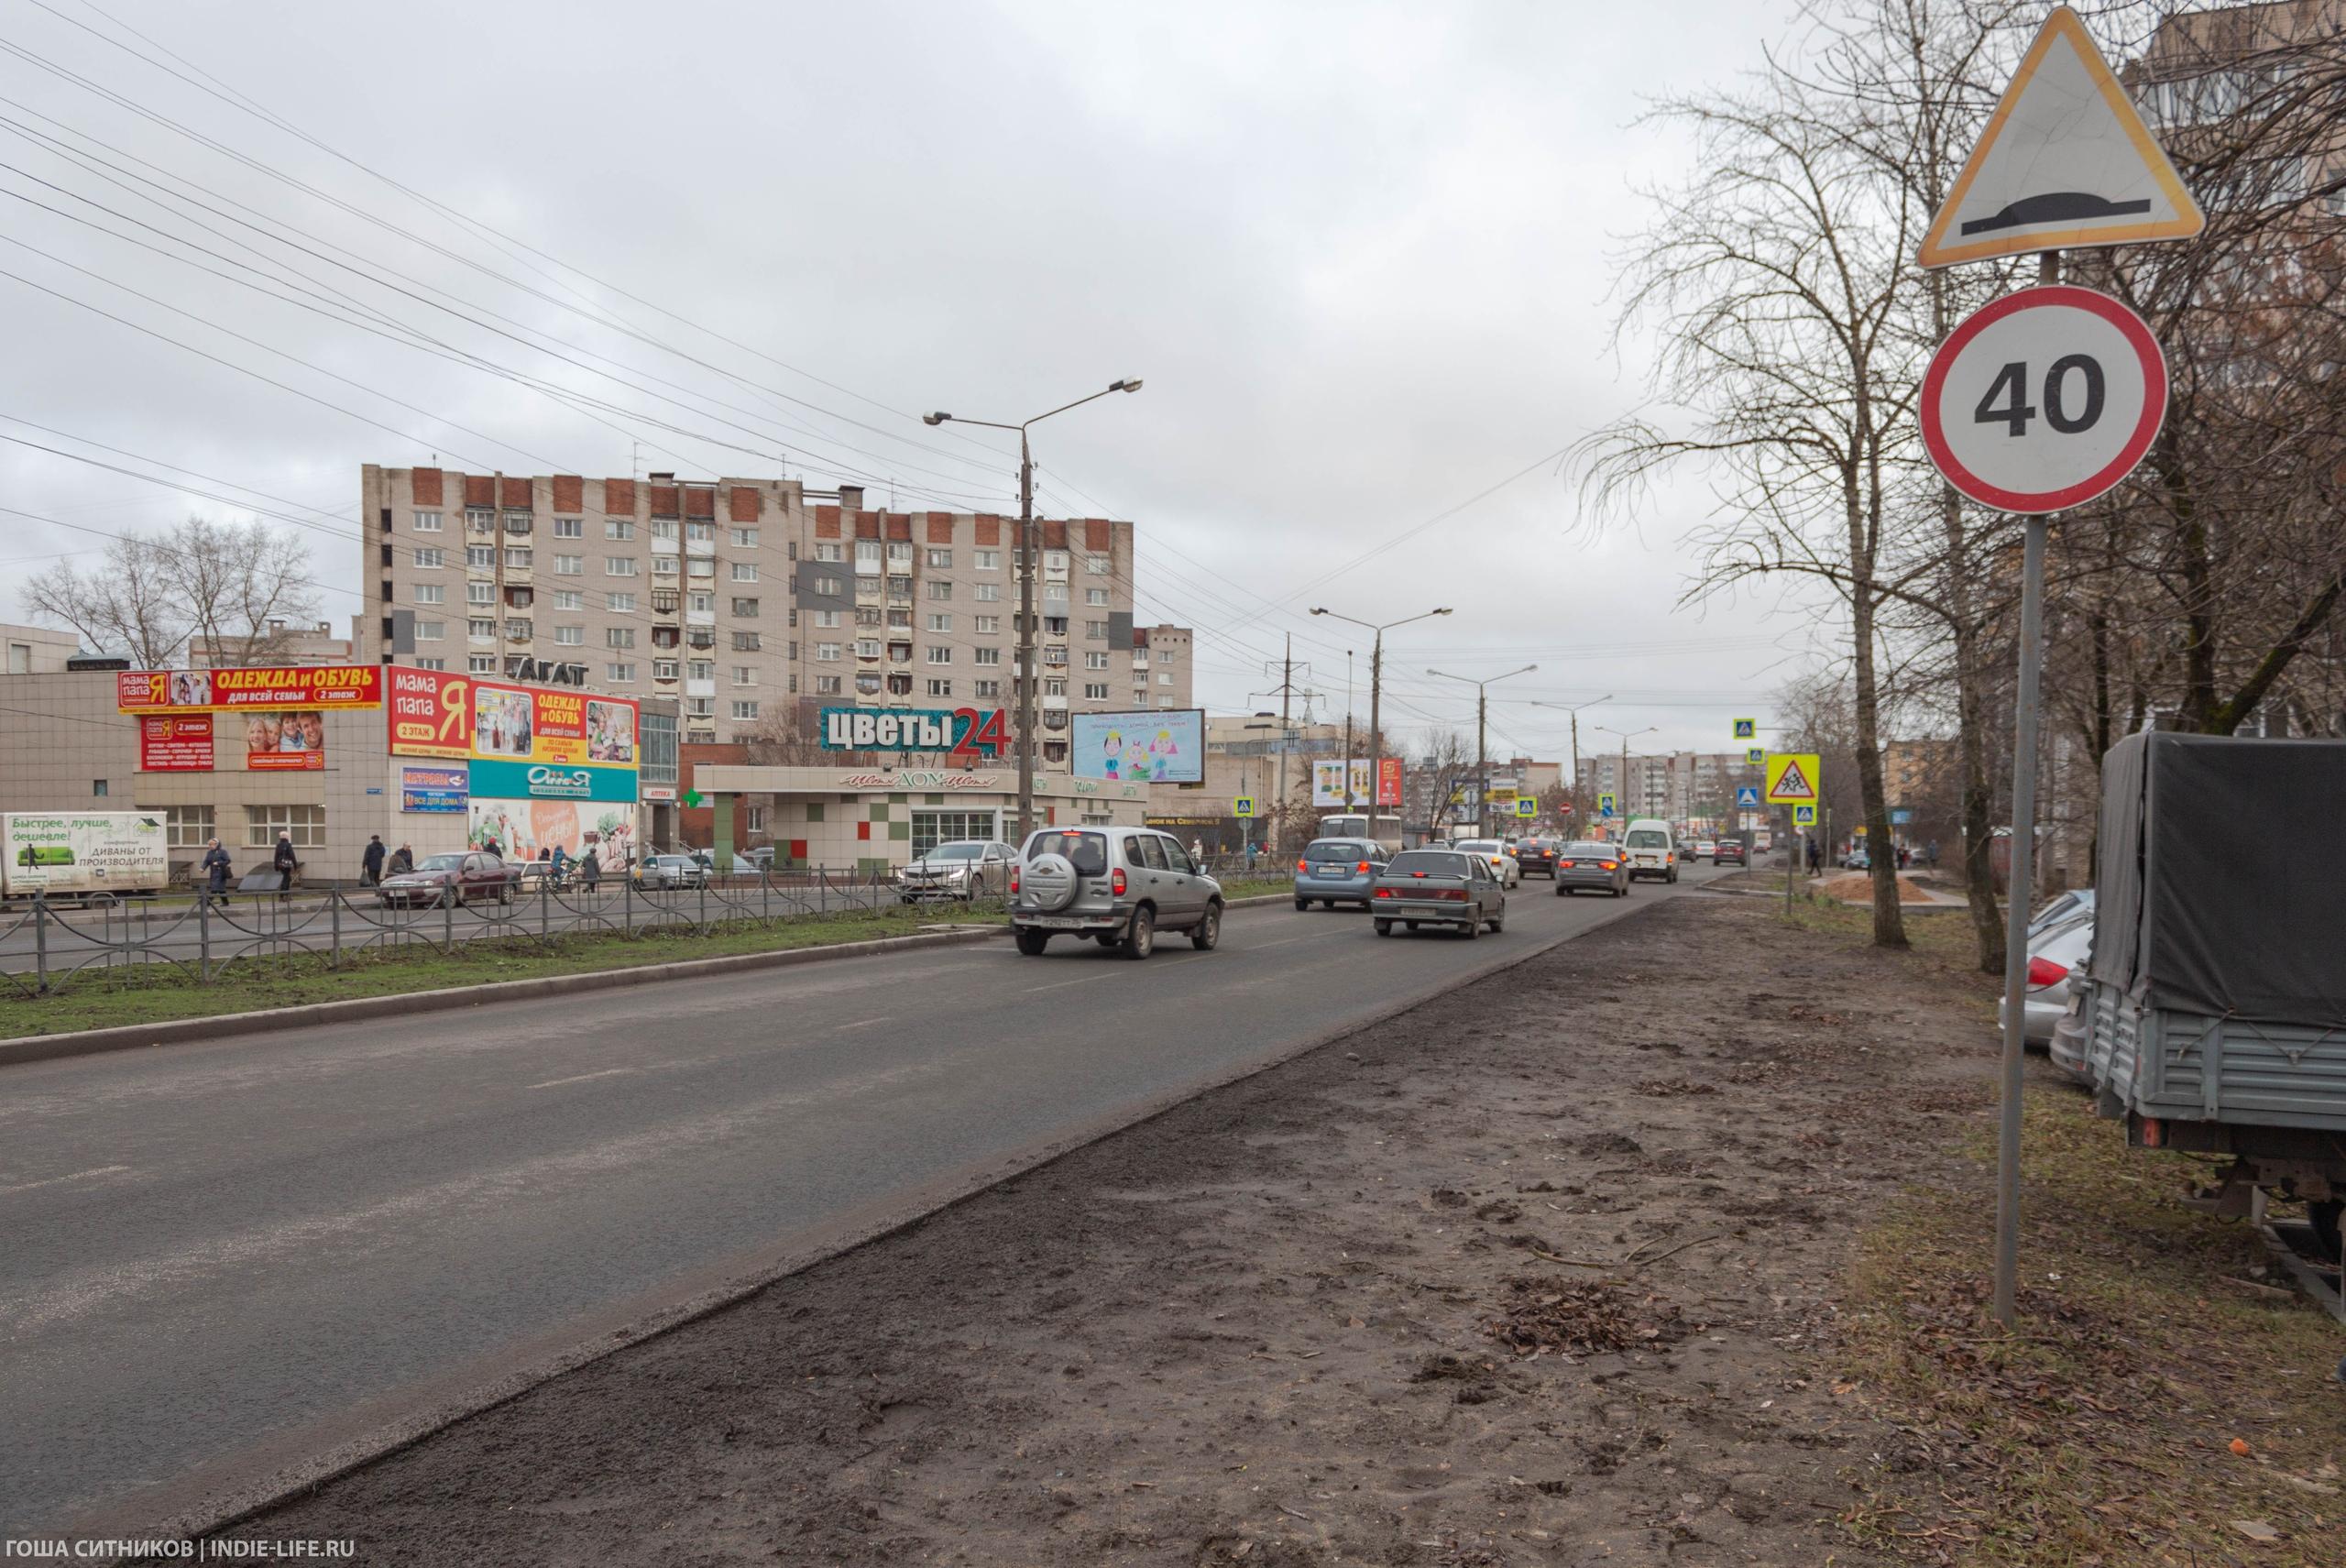 Типичный Российский вид города